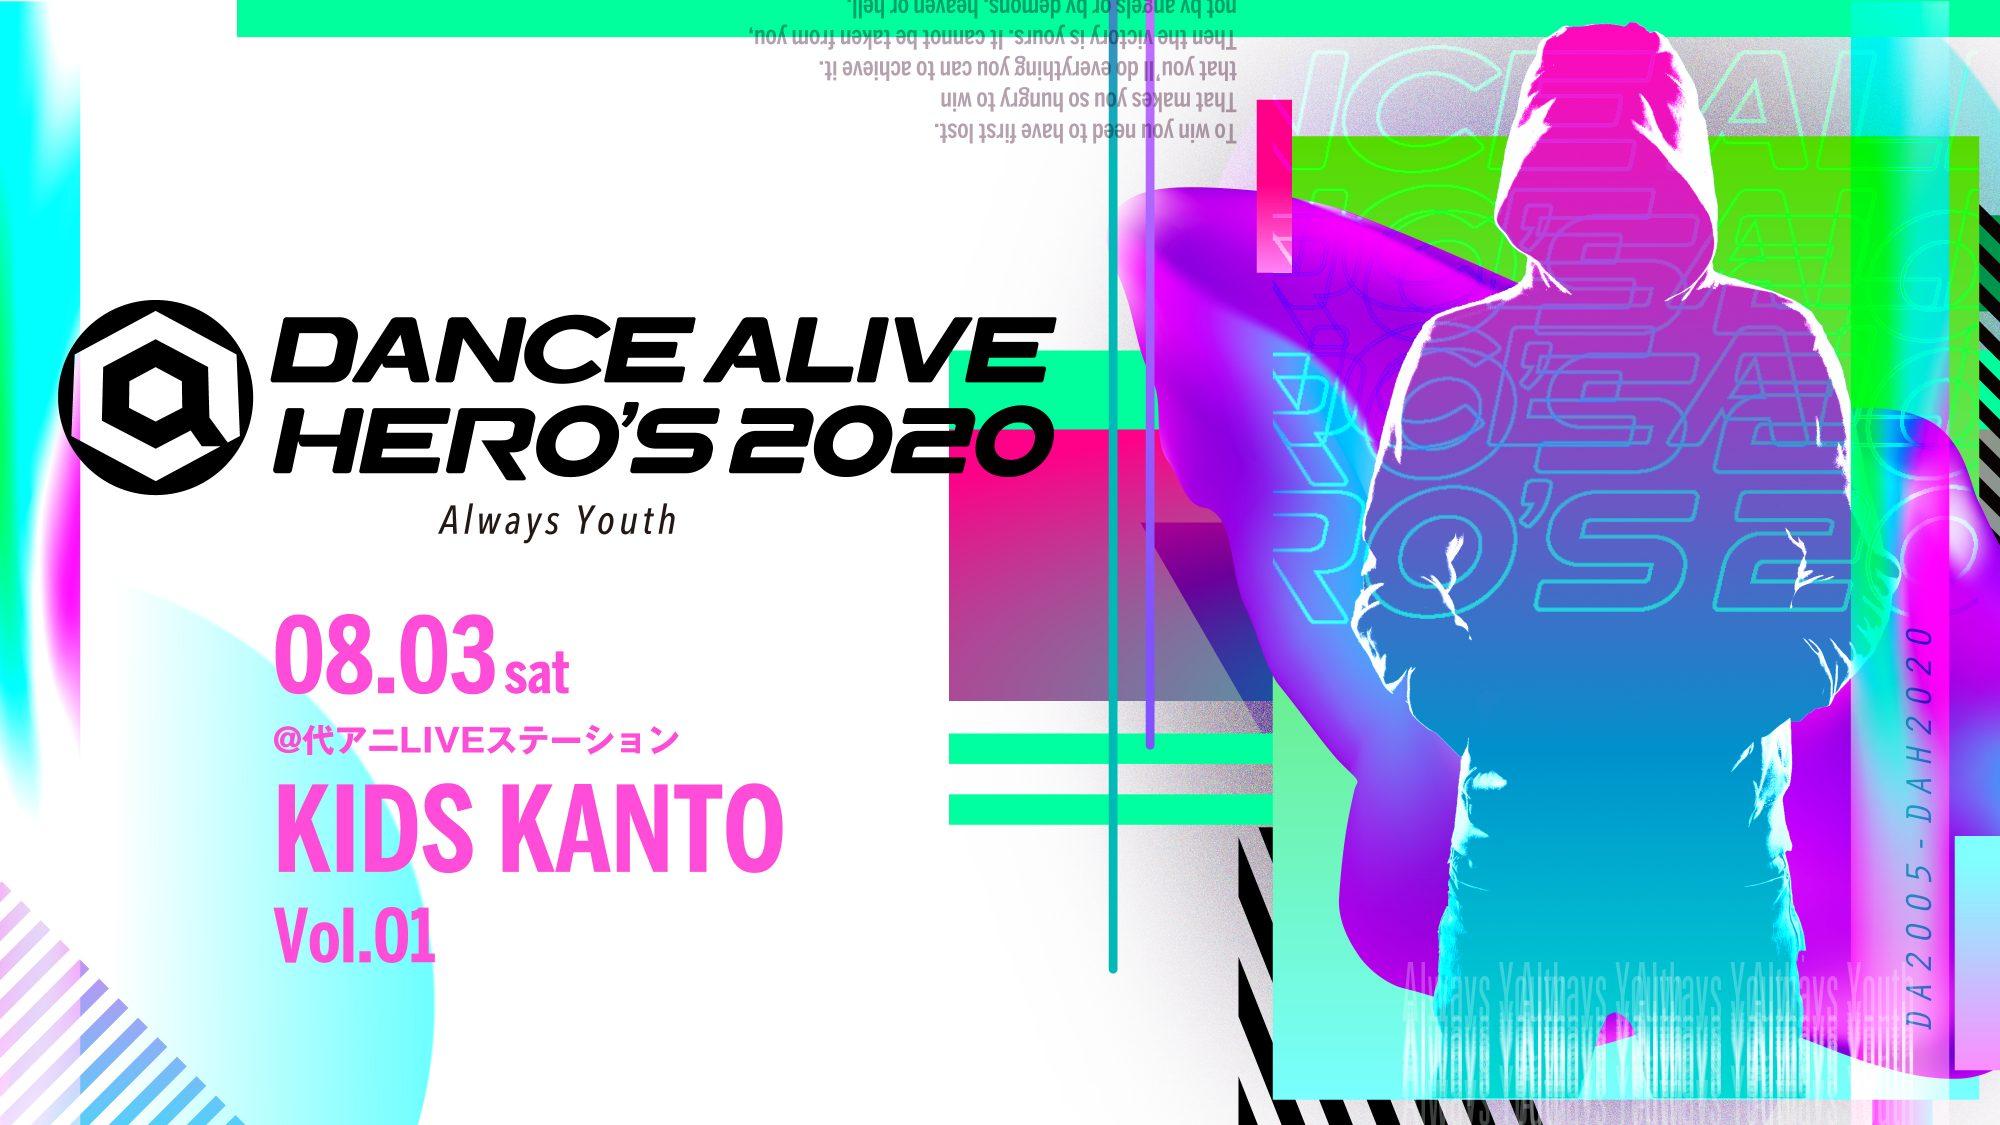 KIDS KANTO vol.1のエントリーが開始されました